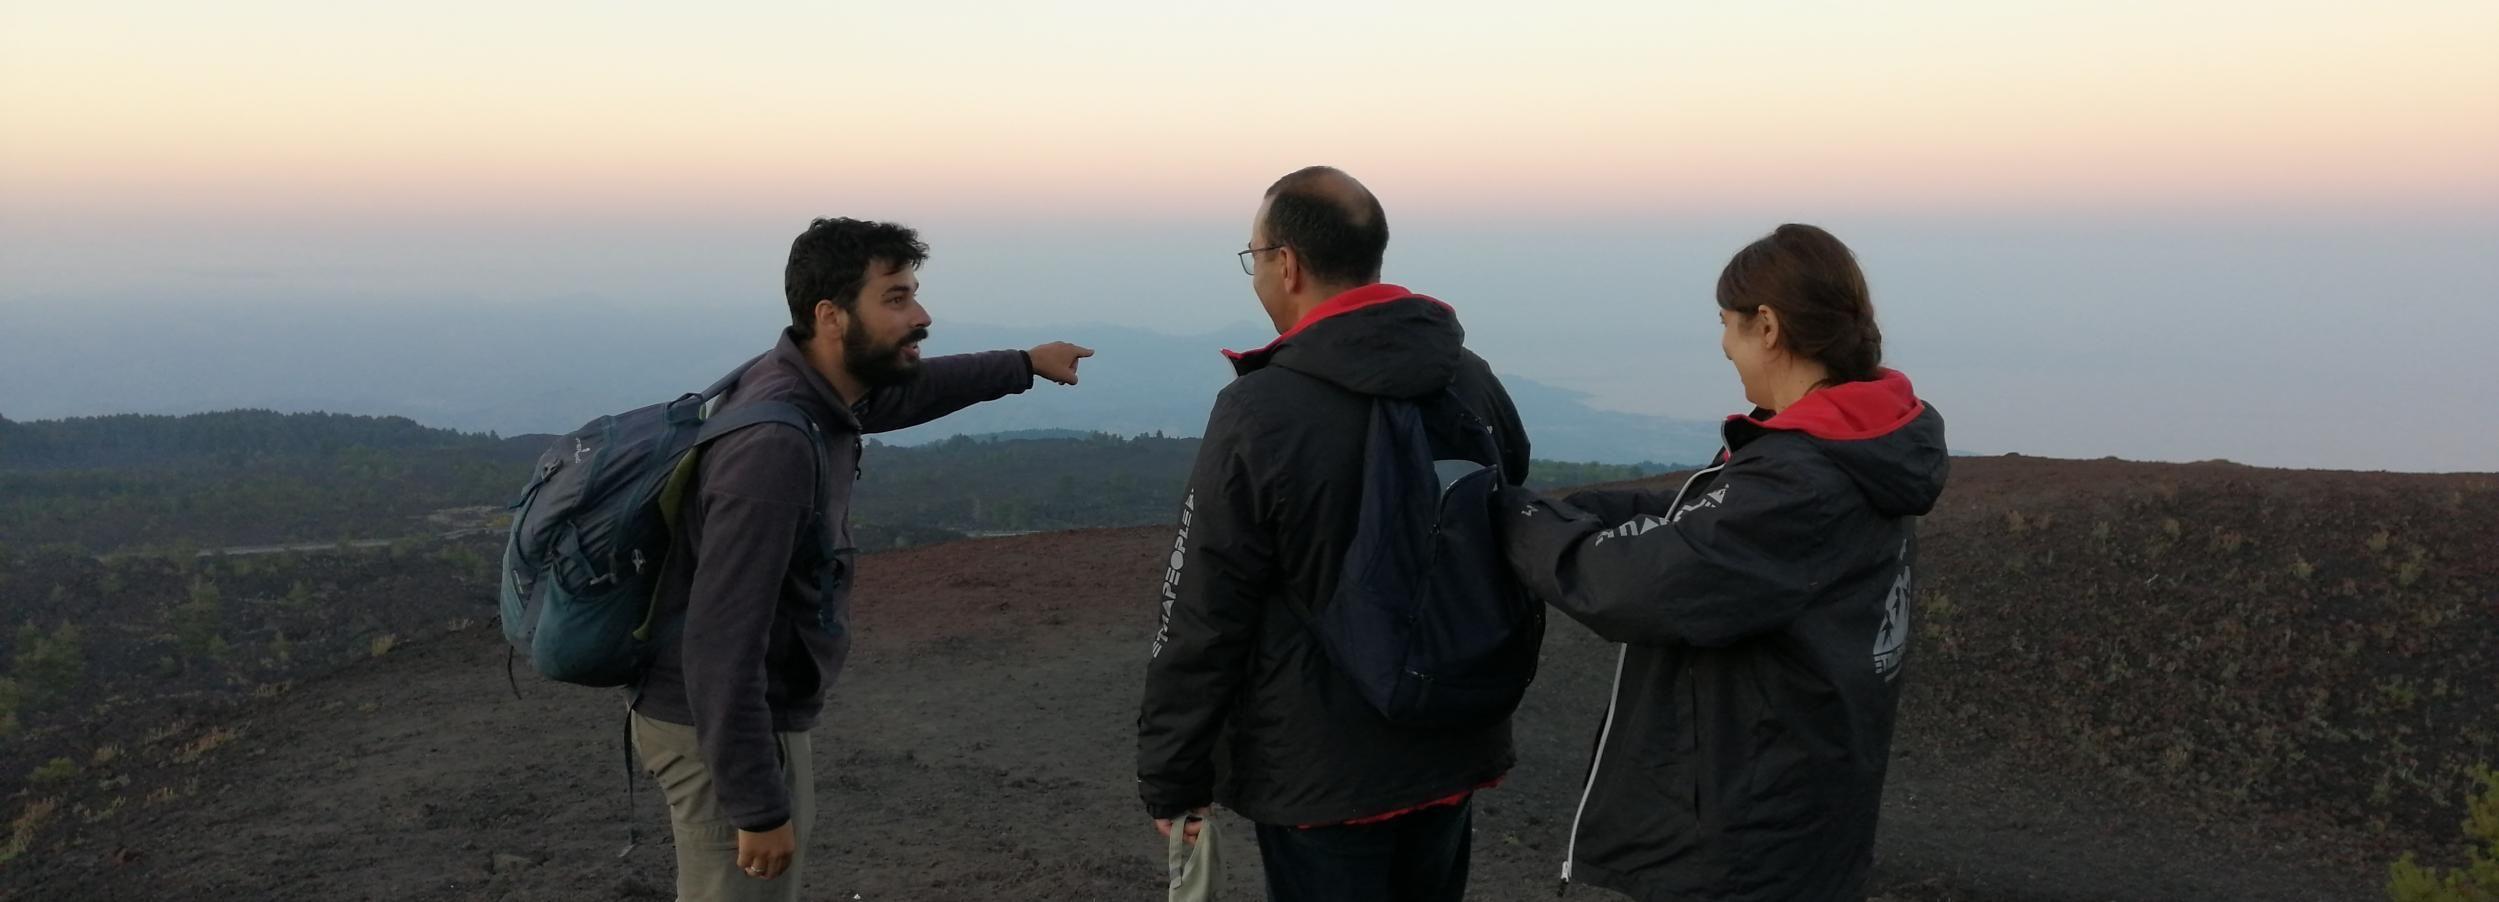 Desde Taormina: caminata nocturna de medio día por el monte Etna